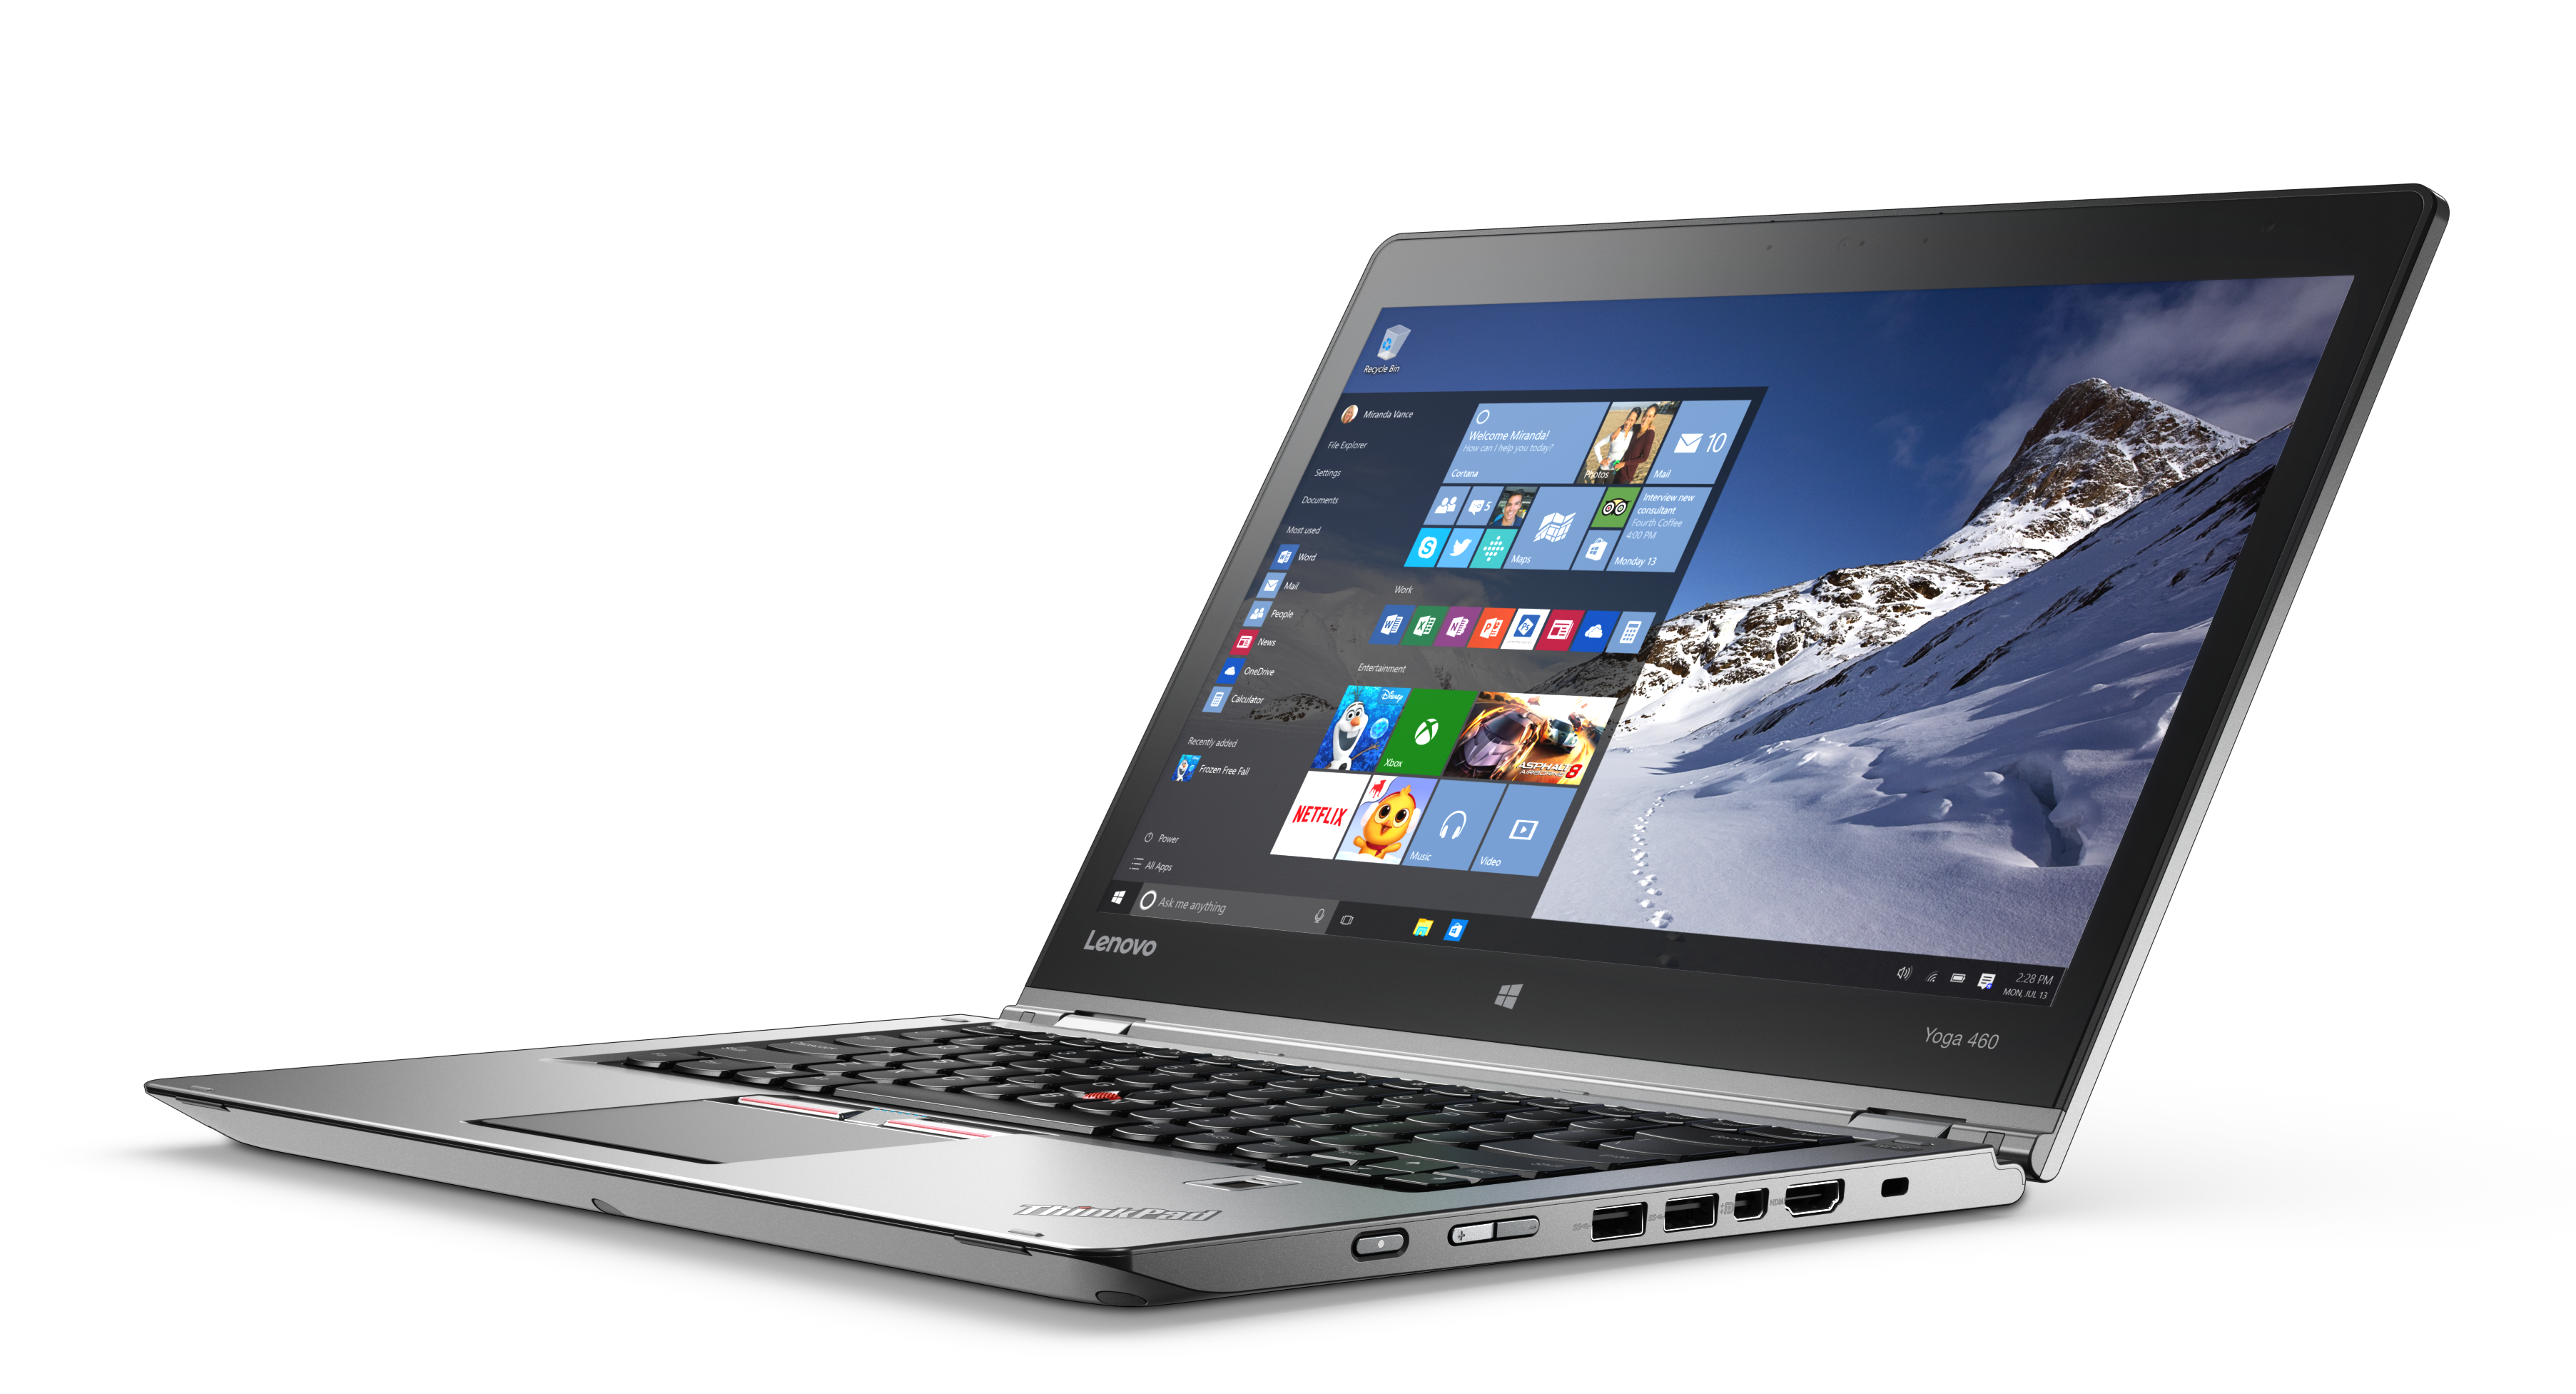 ThinkPad Yoga 460 (20FY0002US)- Discussion Thread